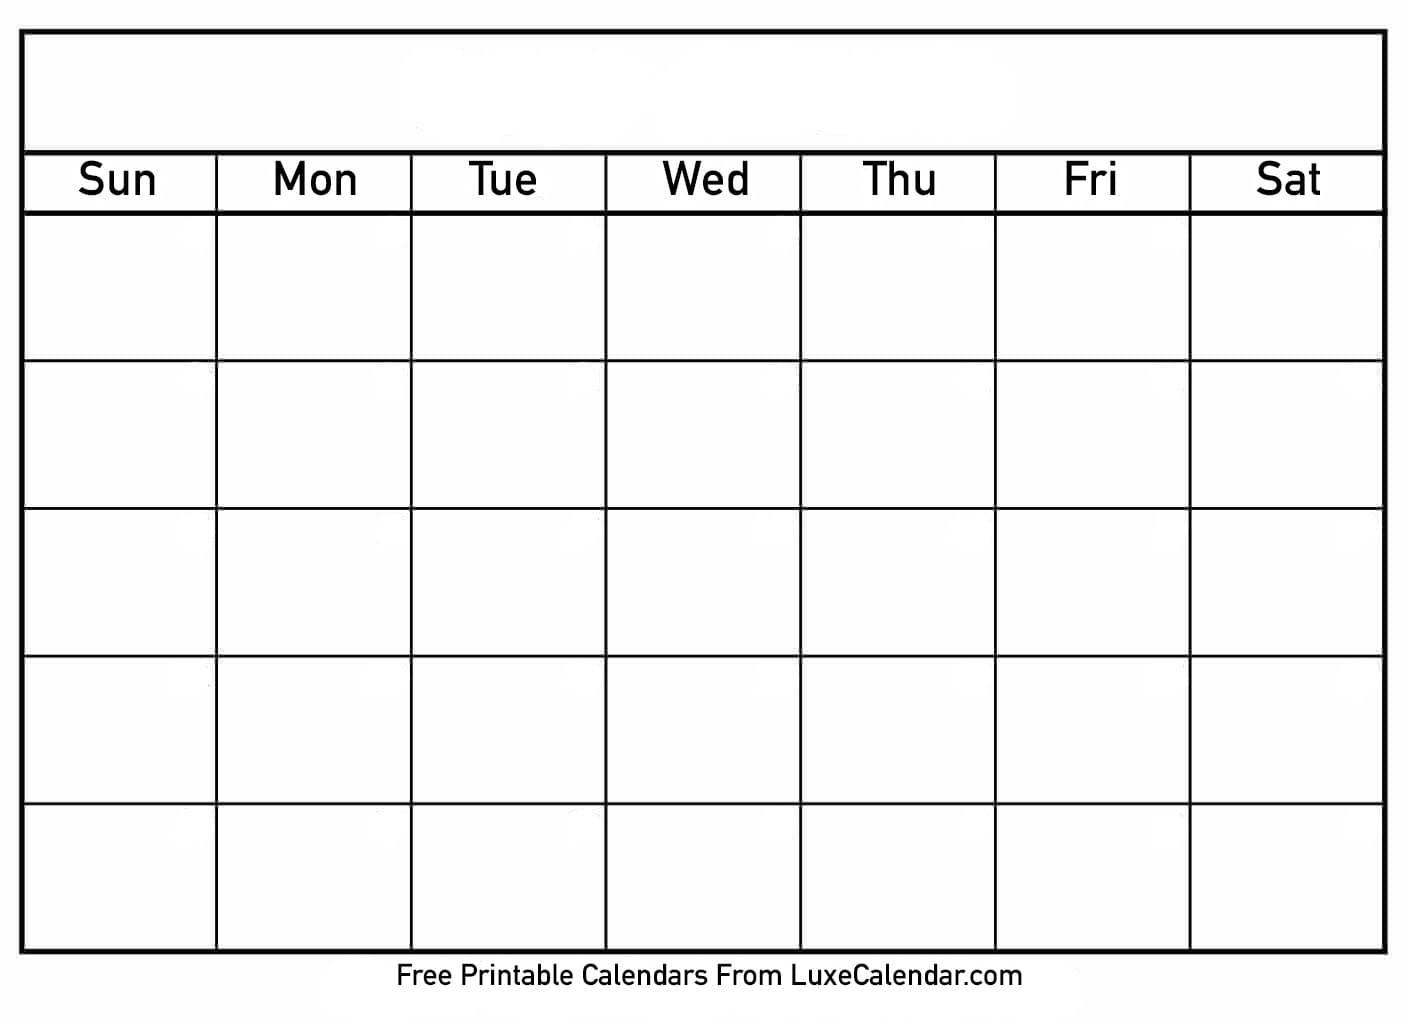 Blank Printable Calendar - Luxe Calendar_A Printable Blank Calendar